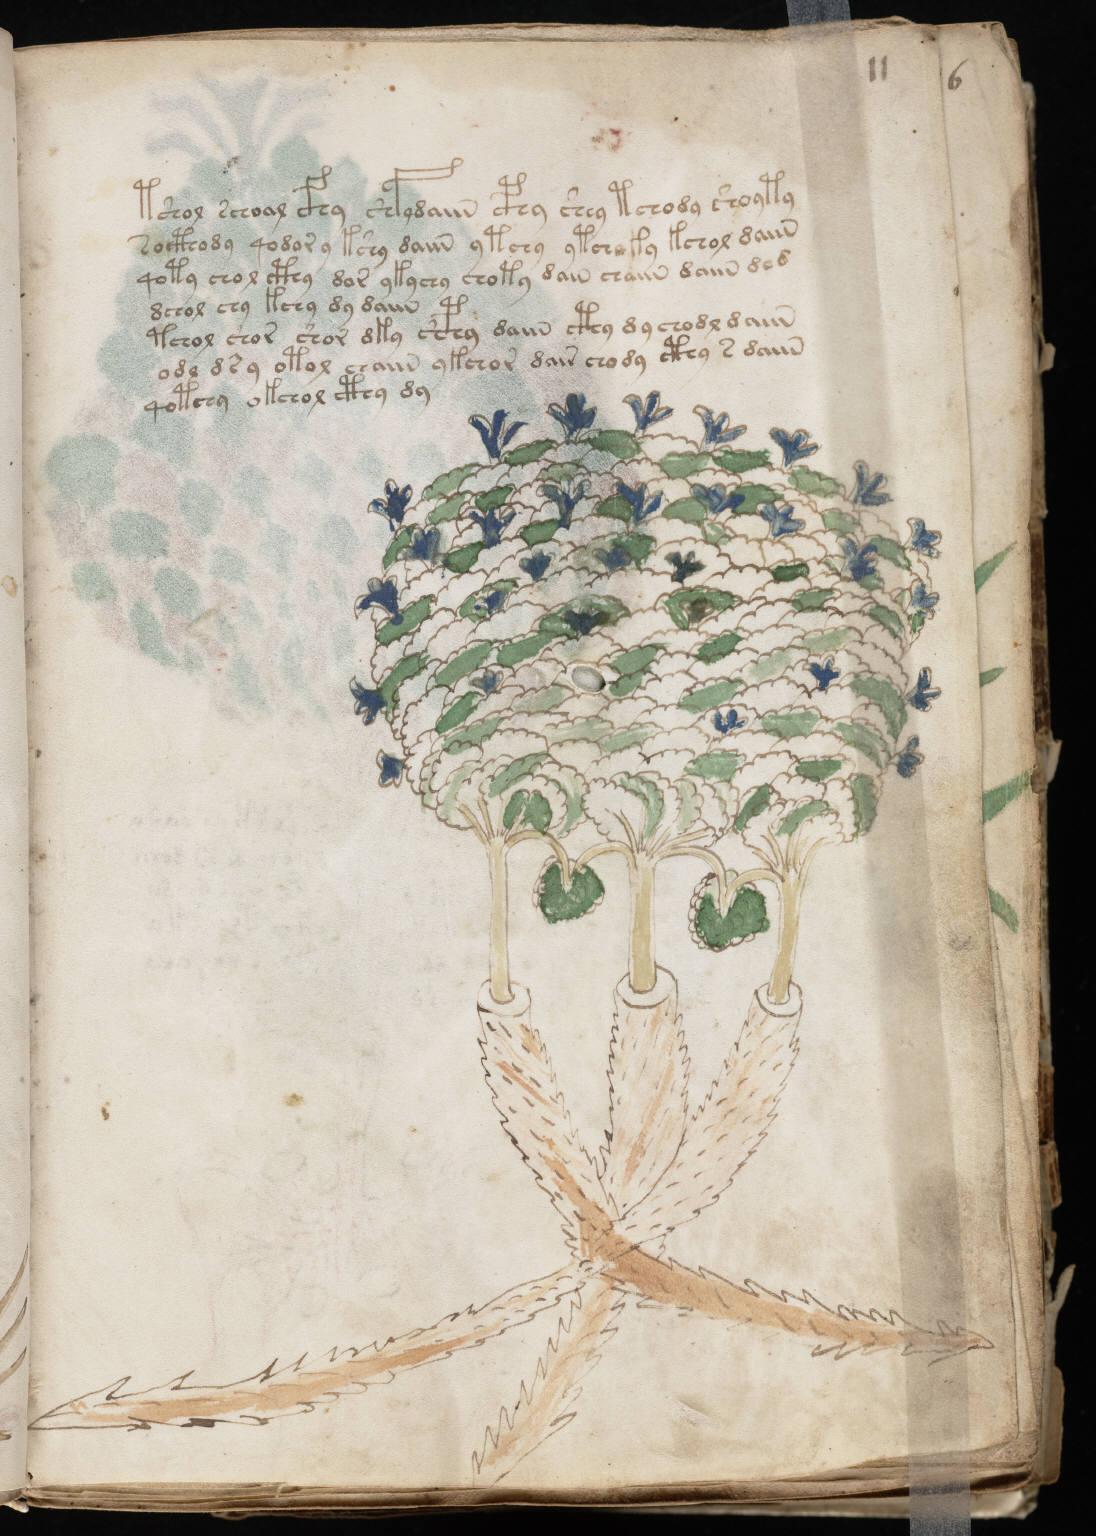 https://upload.wikimedia.org/wikipedia/commons/f/f2/Voynich_Manuscript_%2823%29.jpg